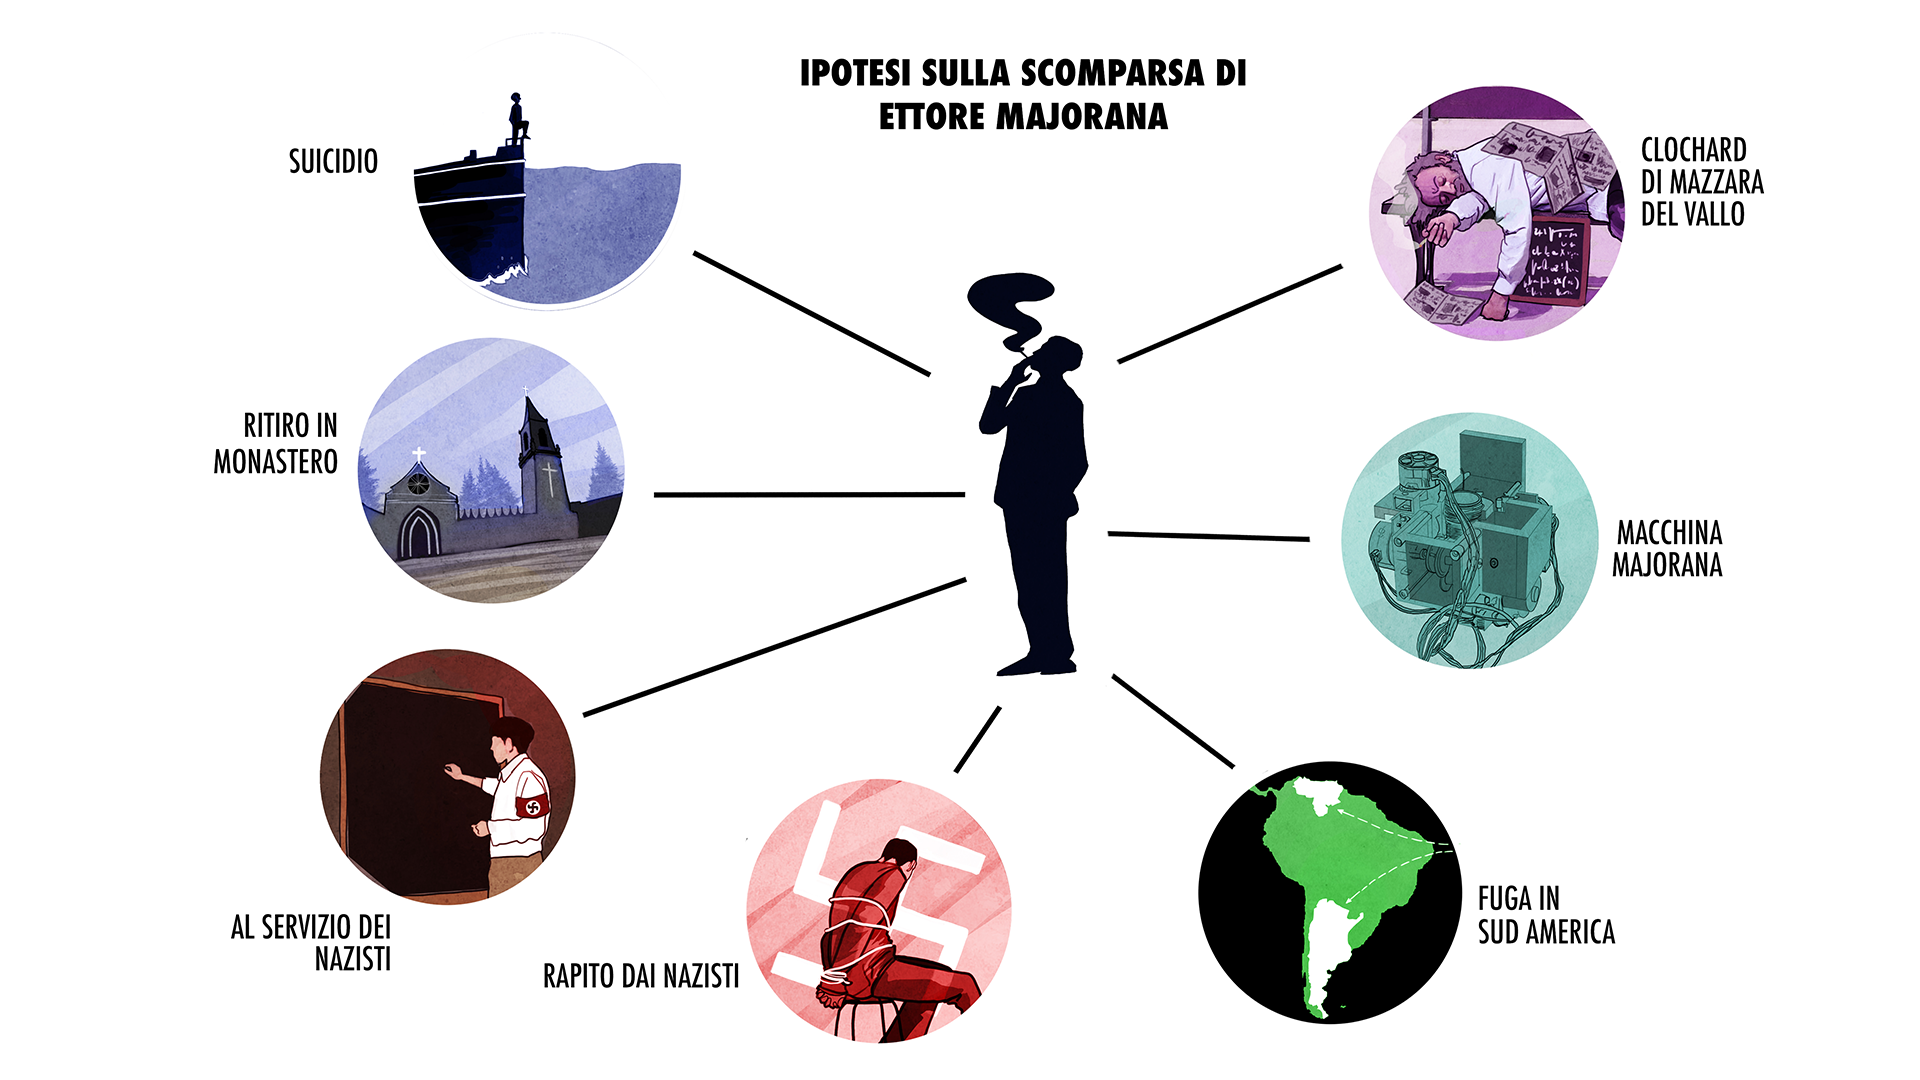 La scomparsa di Ettore Majorana - Tutte le Ipotesi